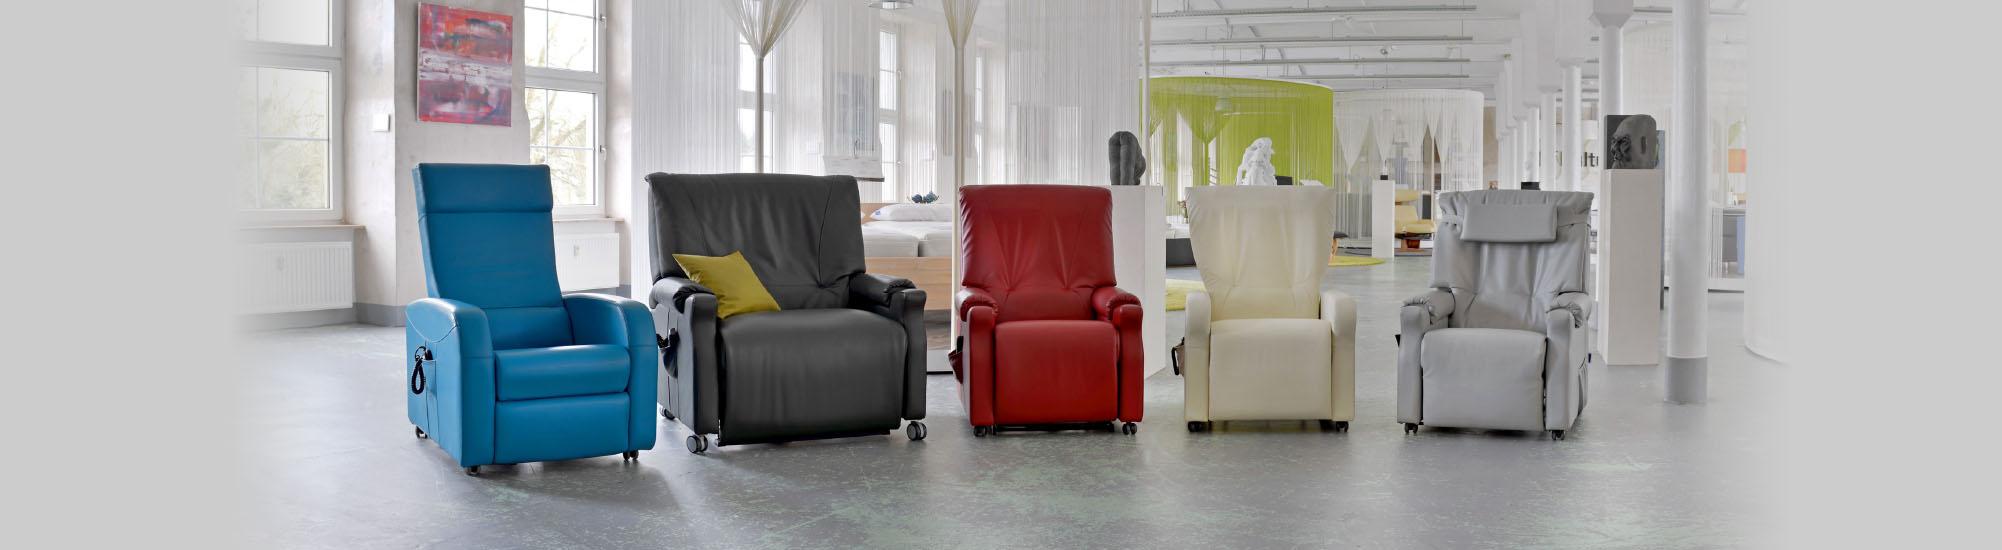 Unsere Sessel-Familie von Revilax Deutschland